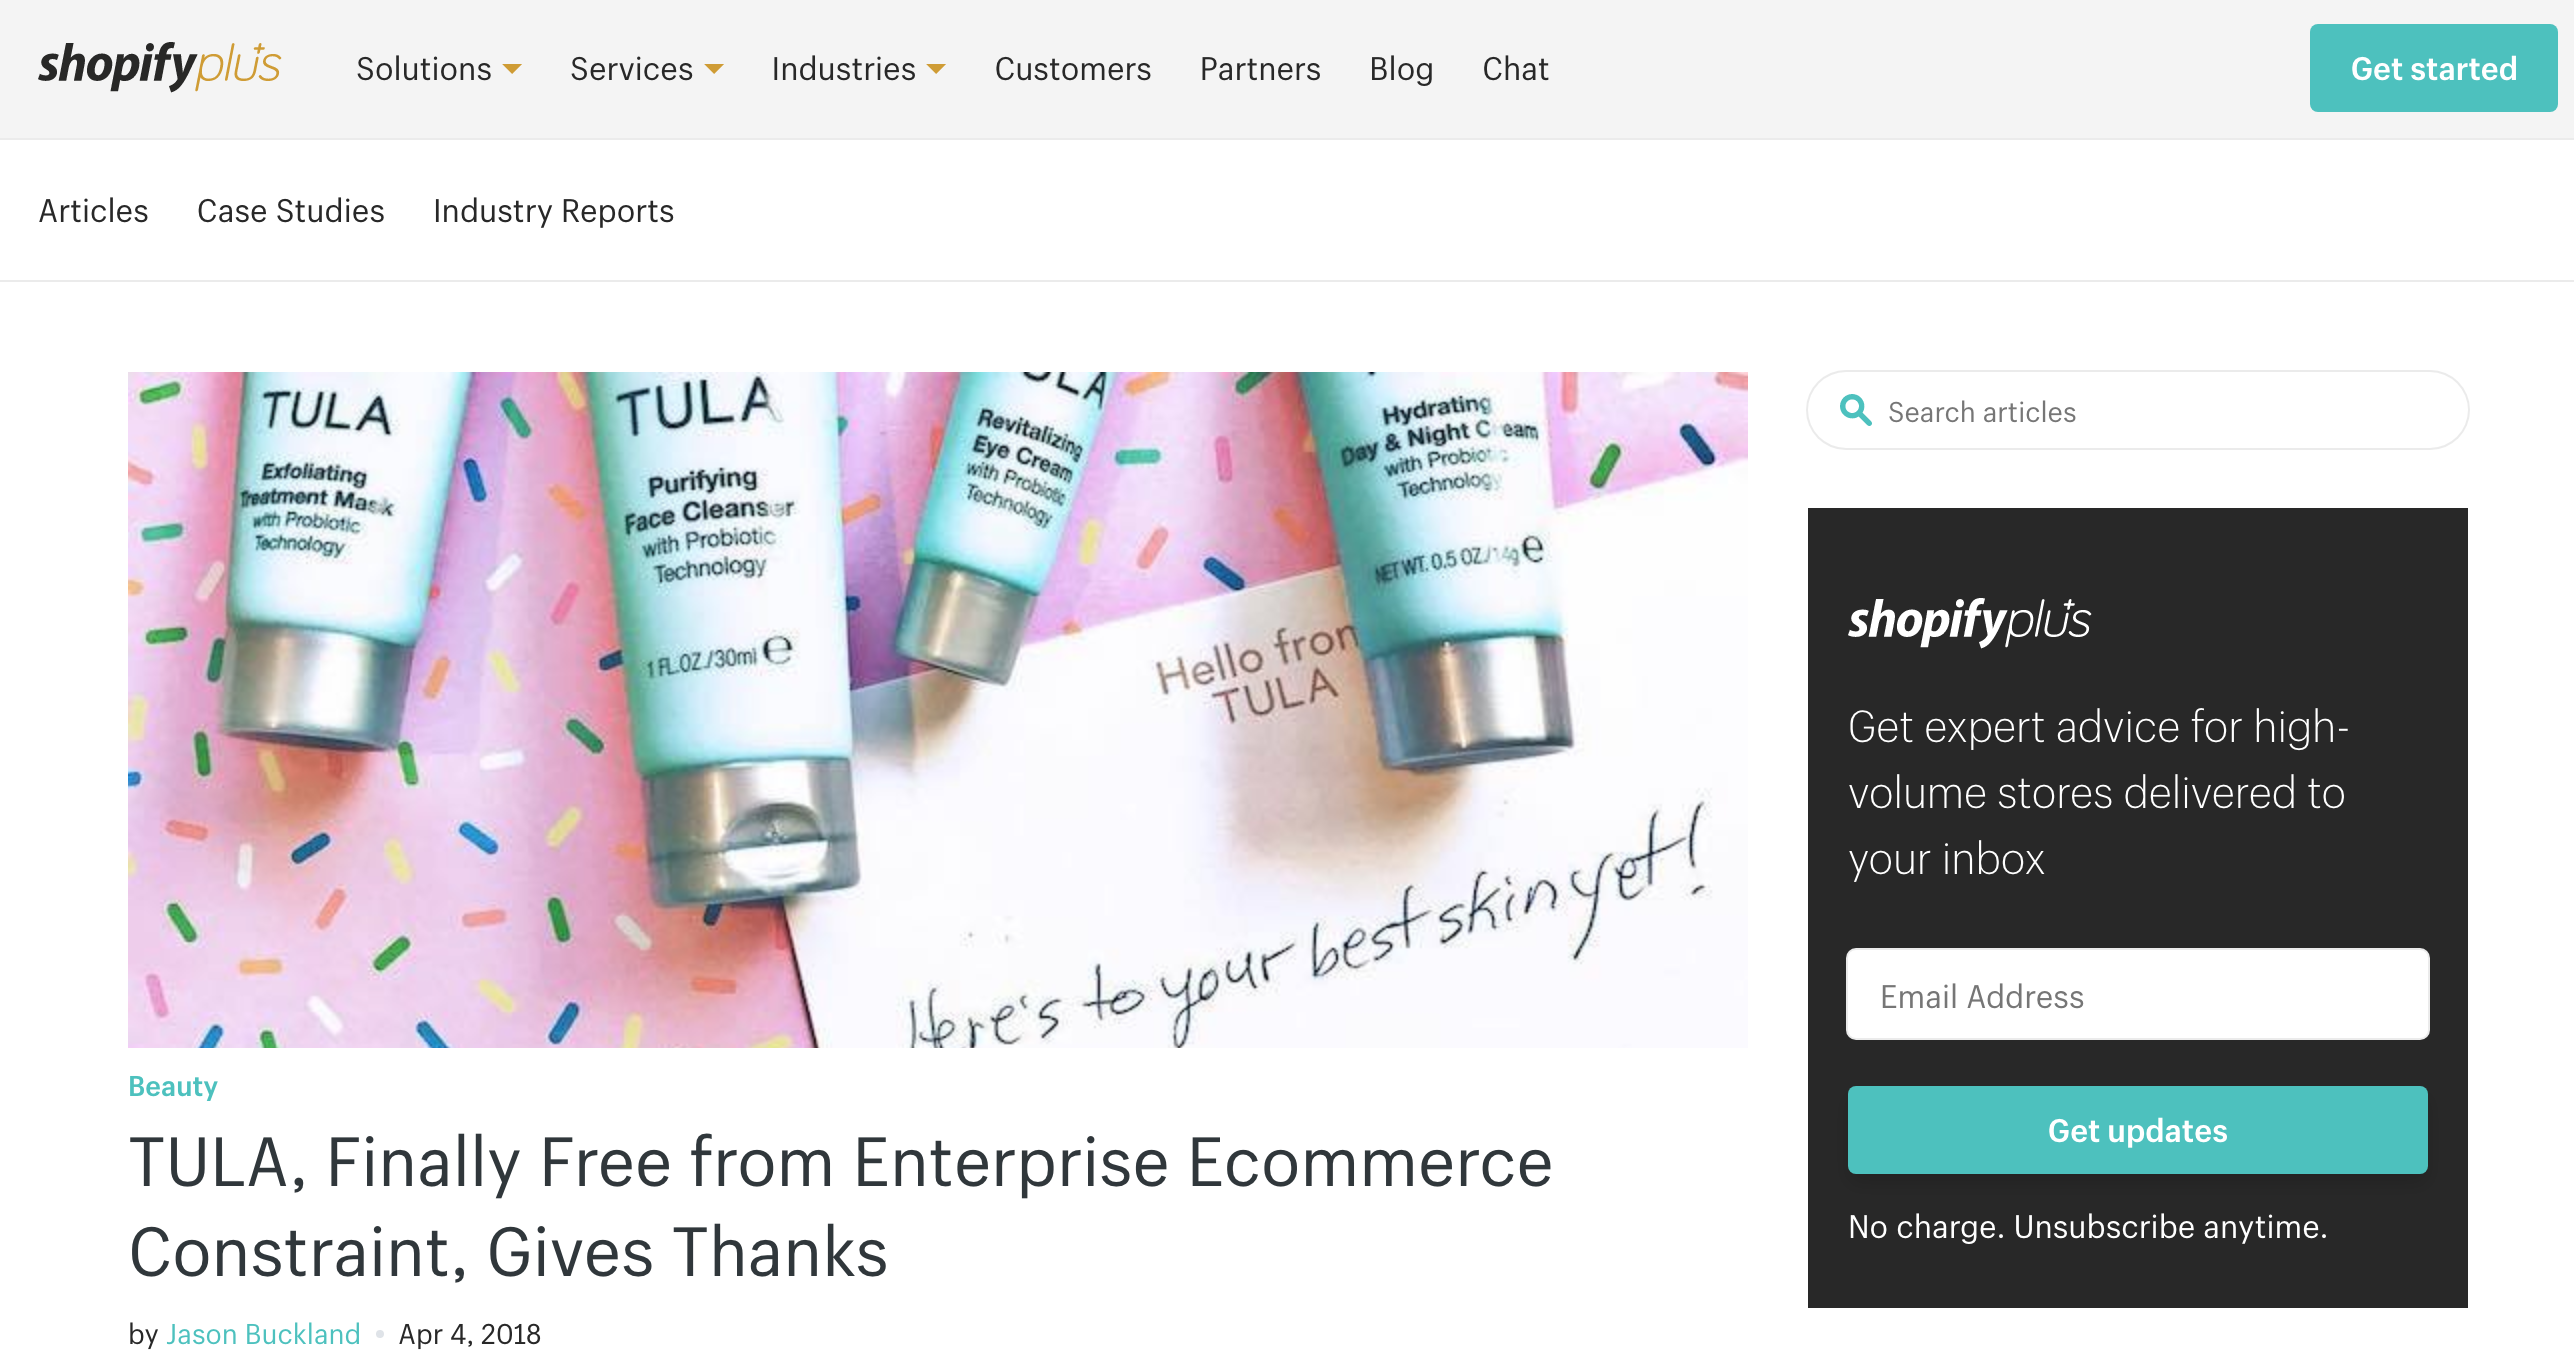 Shopify_plus_blog